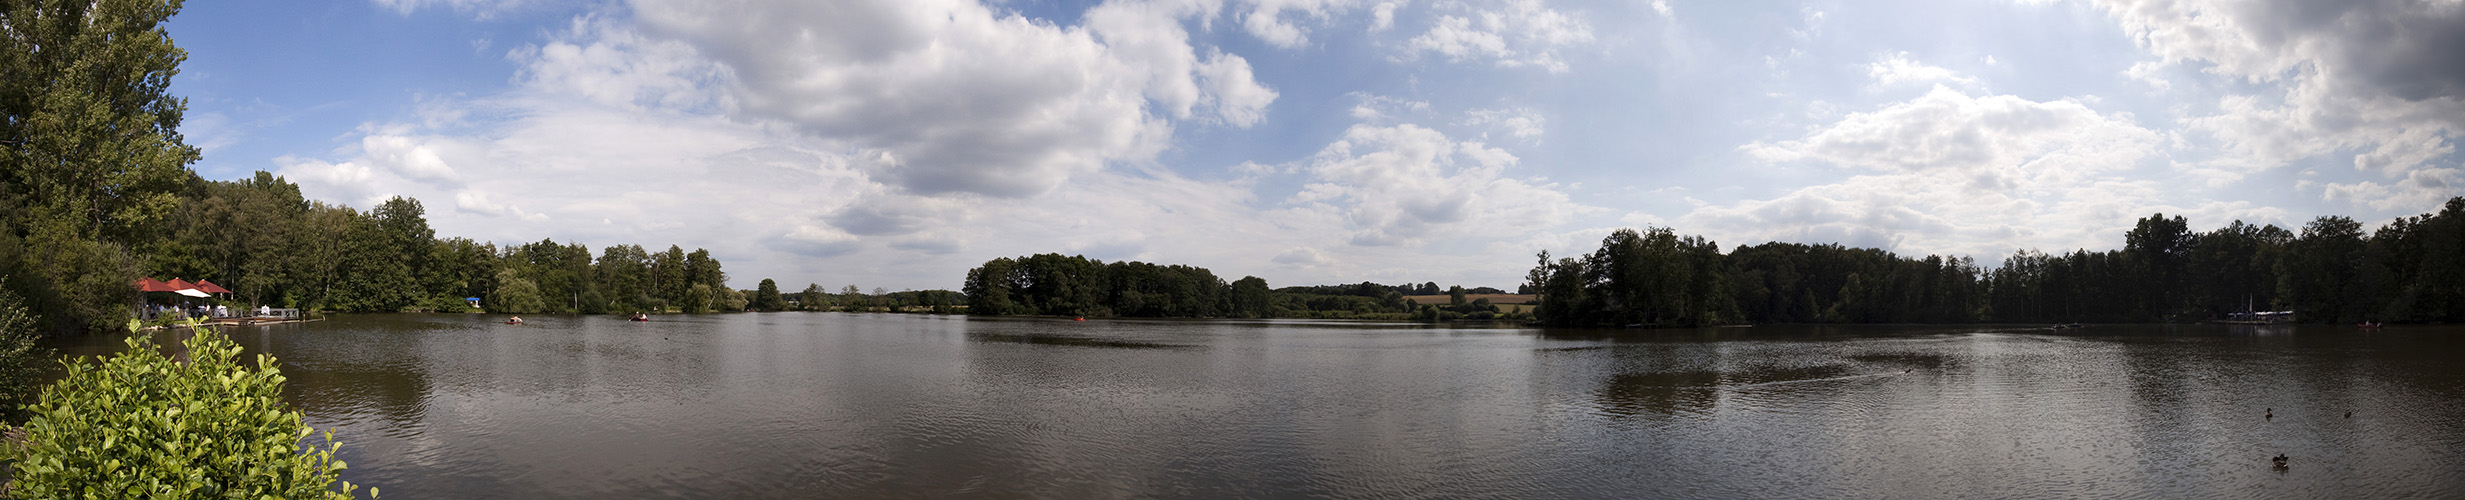 Hücker Moor - Panorama